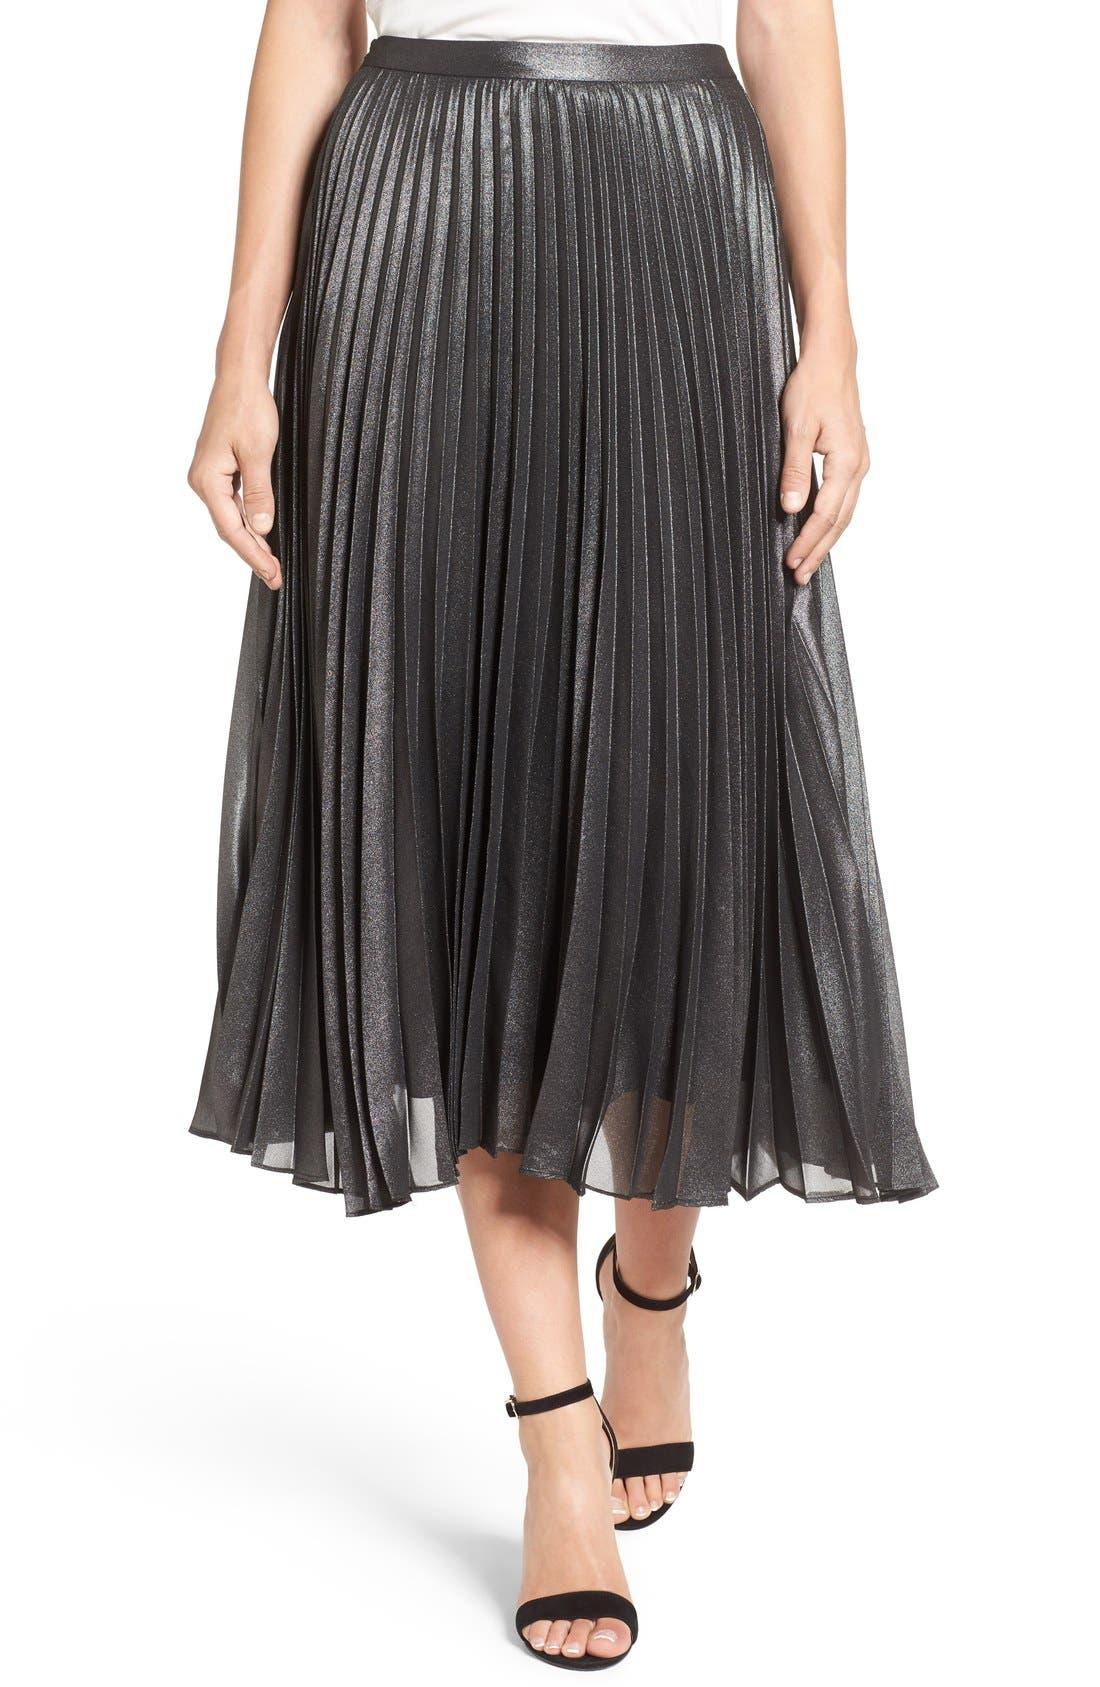 Alternate Image 1 Selected - Halogen® Pleated Lurex® Midi Skirt (Regular & Petite)